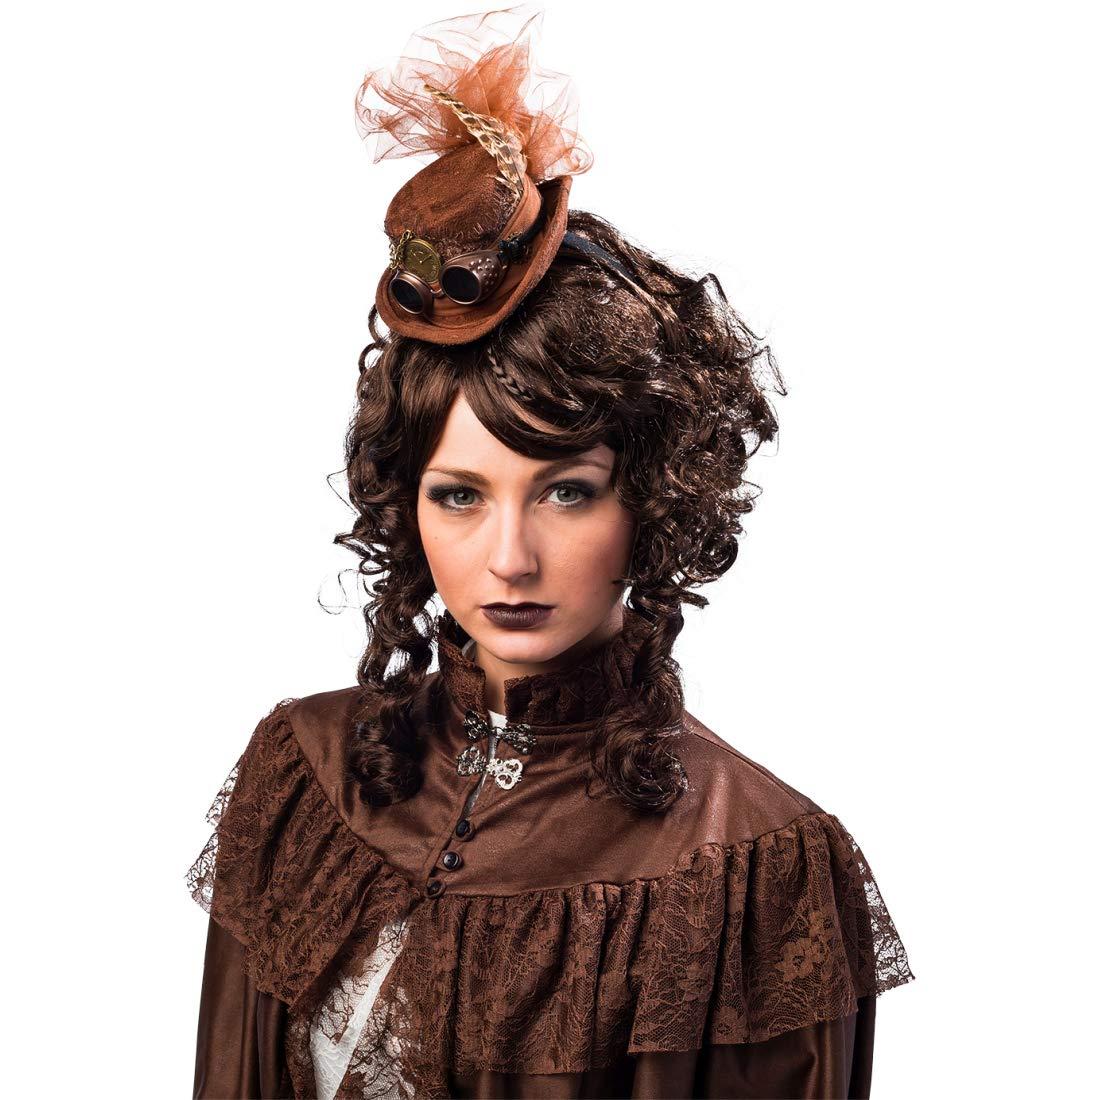 NET TOYS Mini Sombrero a la Moda con Plumas para Mujer Estilo Steampunk | Marrón | Refinado Accesorio Adorno para el Cabello para Disfraz Dama Victoriana | Ideal para Festivales y Halloween